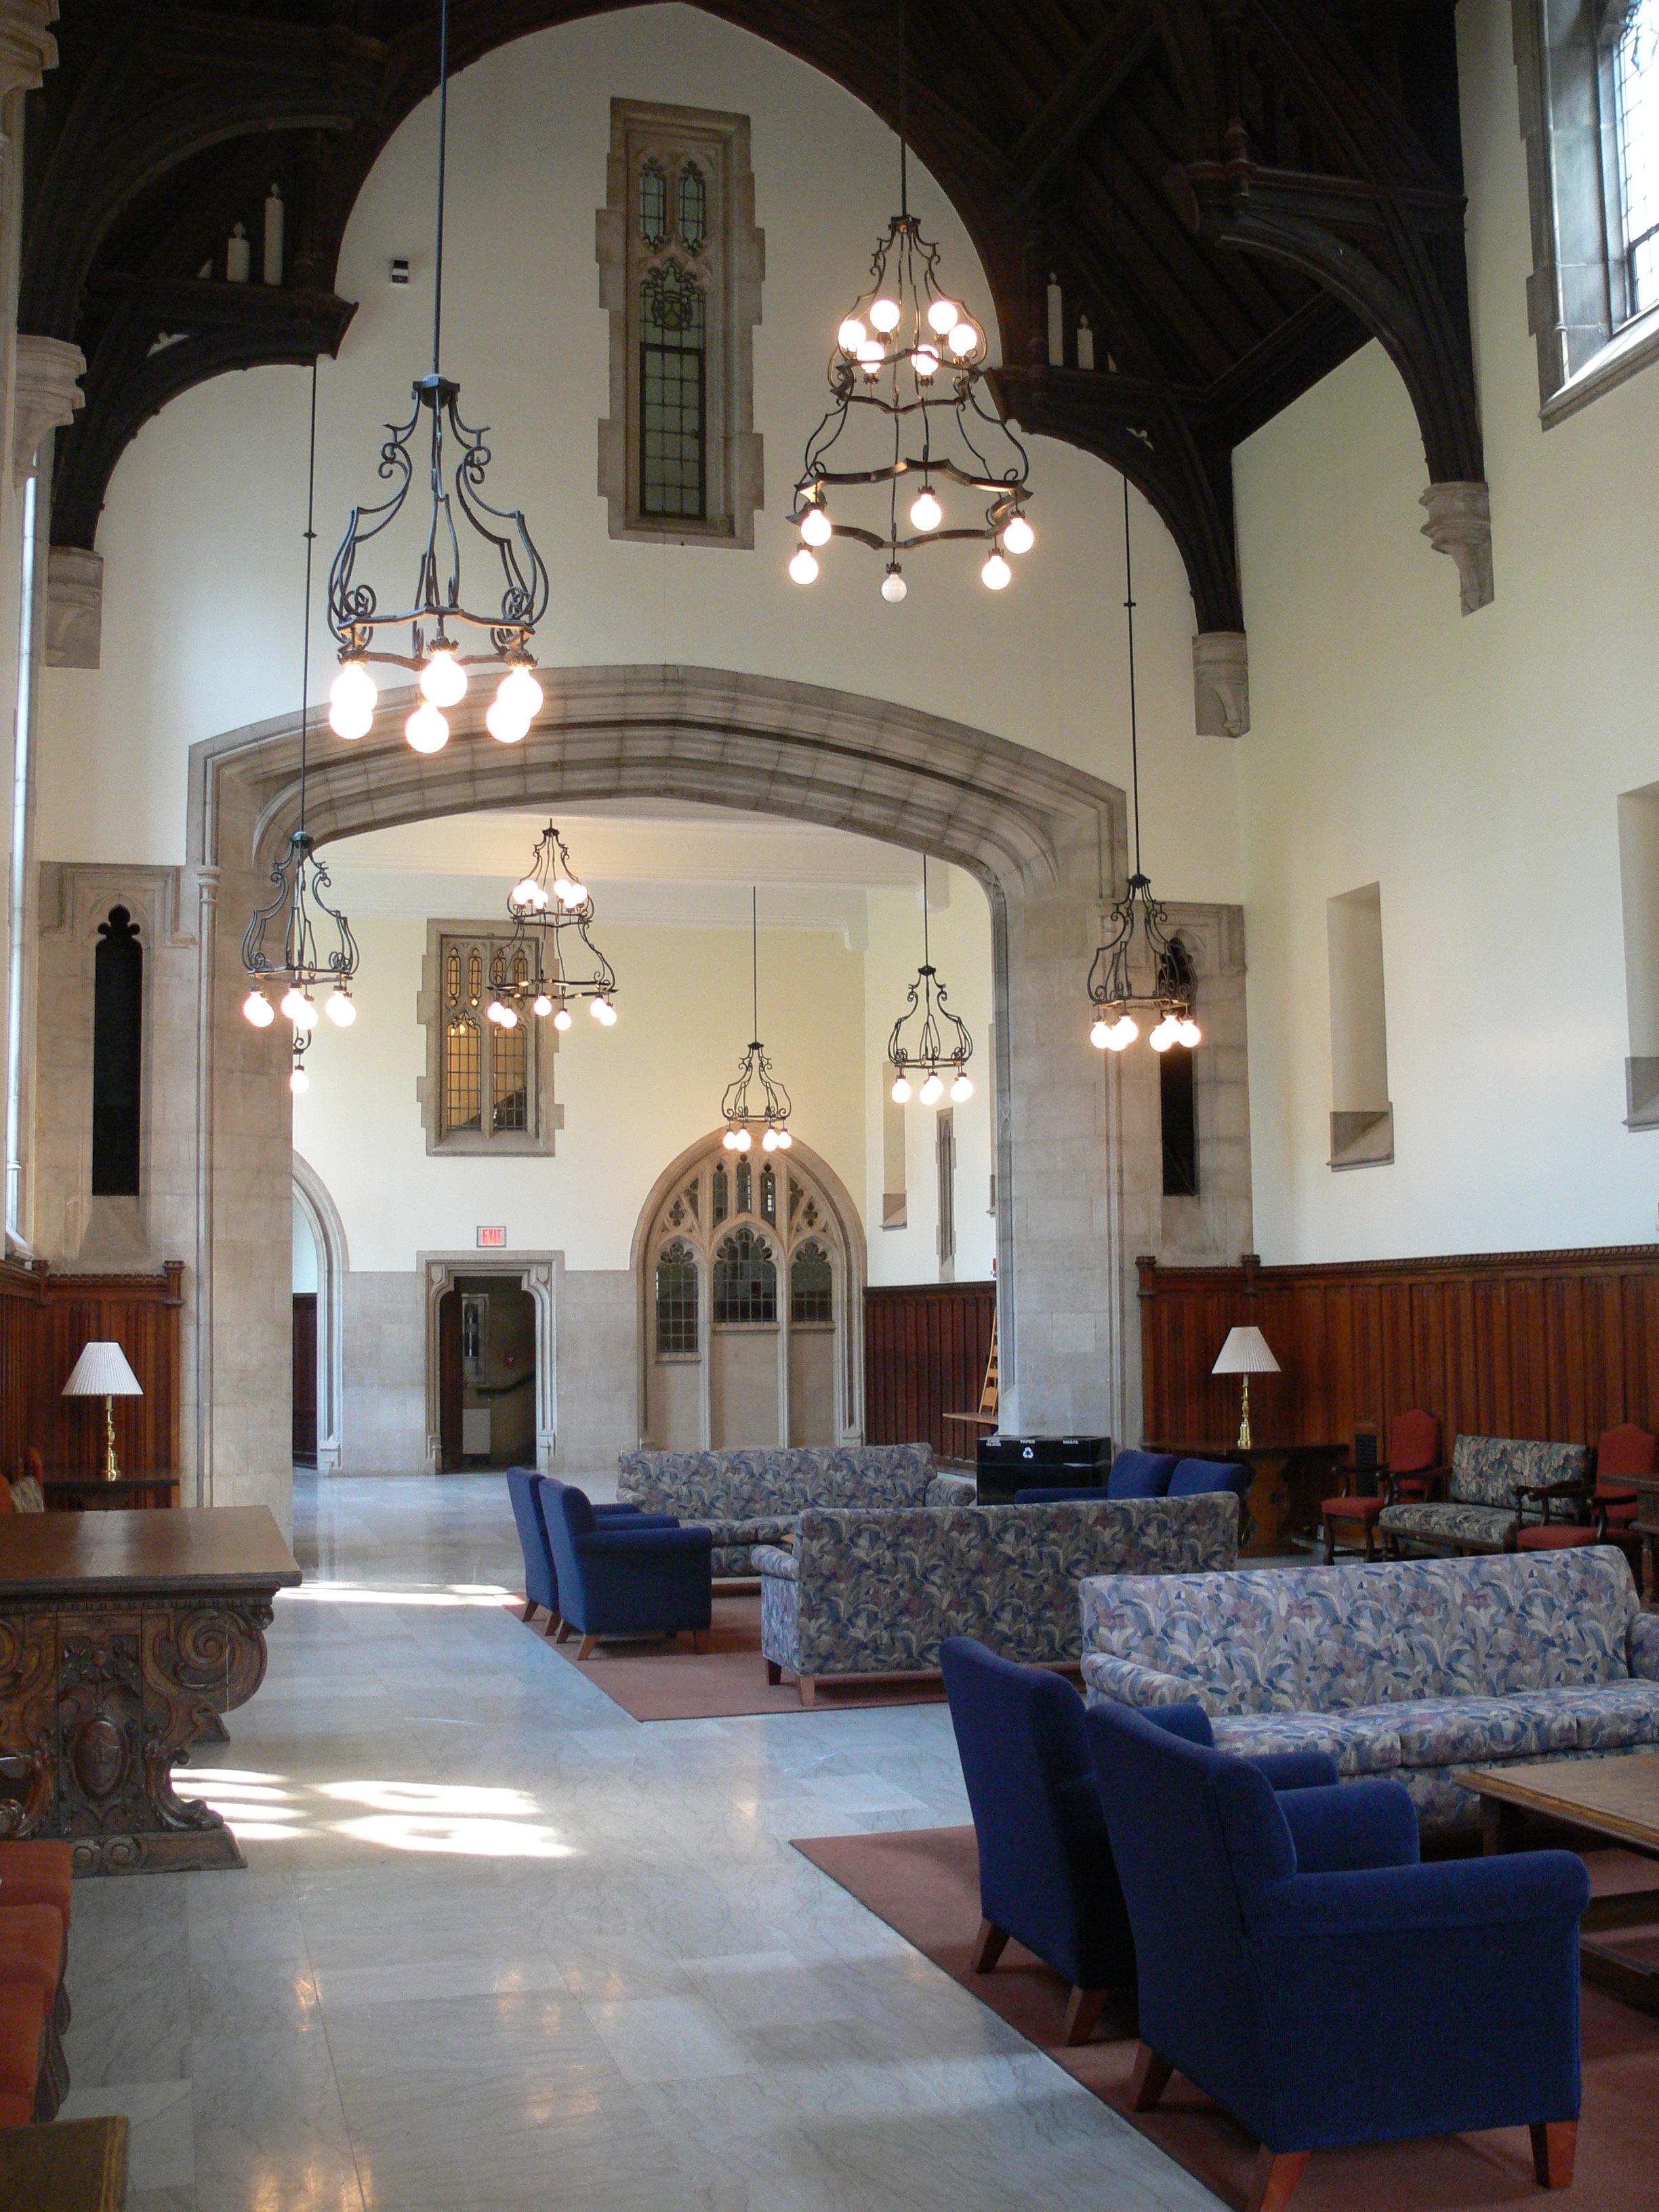 University College Durham Senior Common Room Images